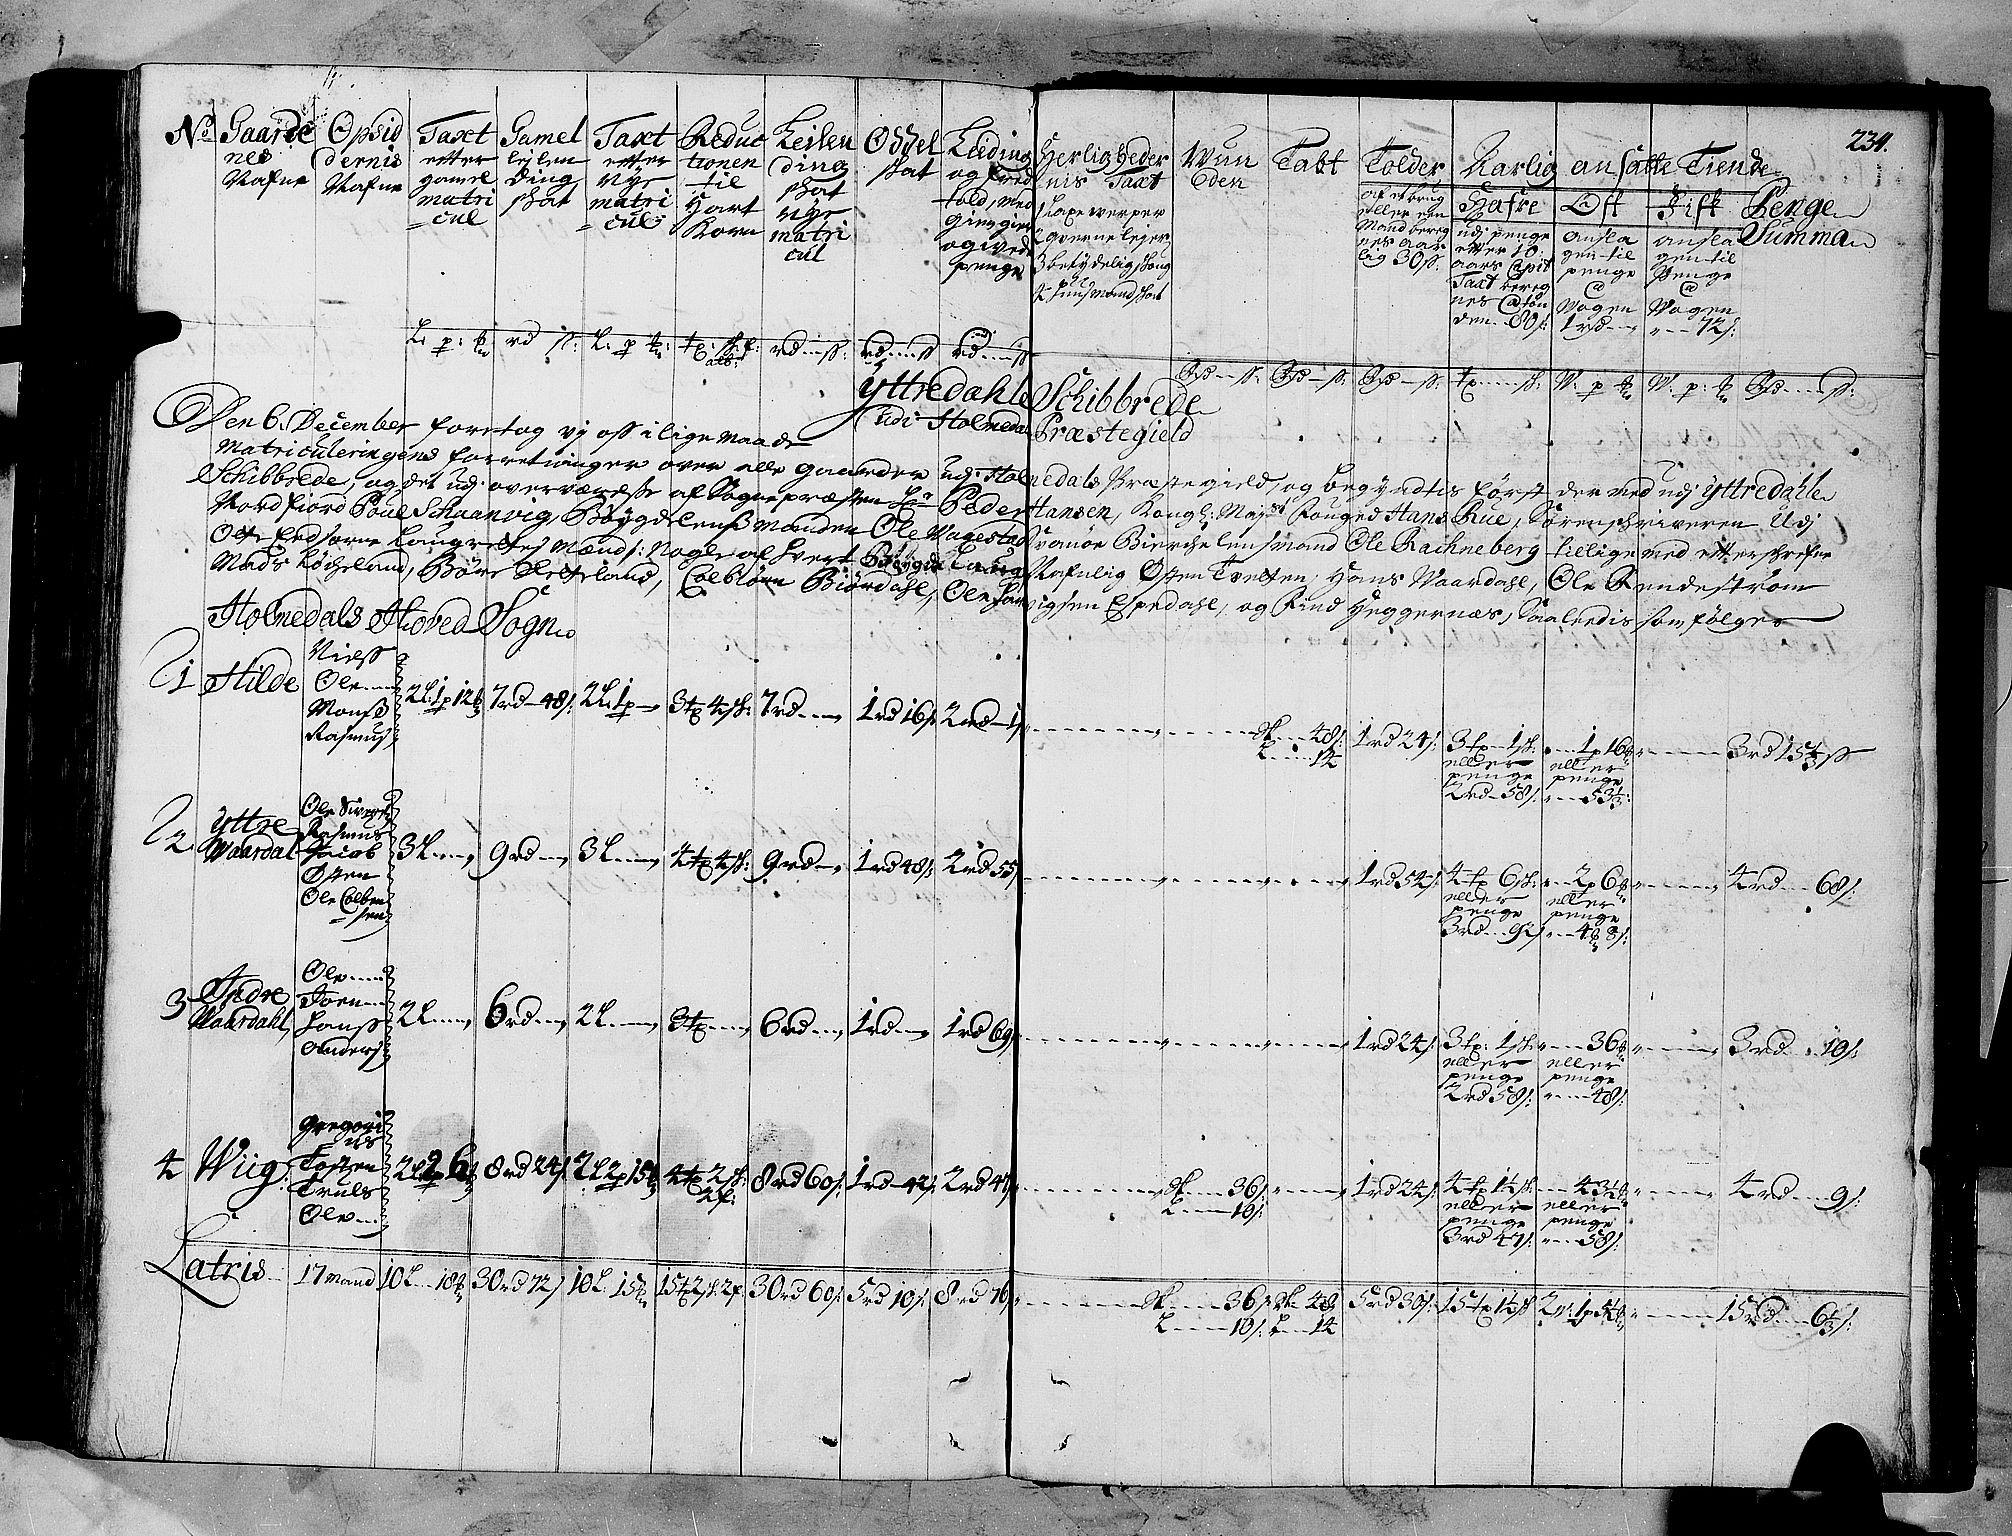 RA, Rentekammeret inntil 1814, Realistisk ordnet avdeling, N/Nb/Nbf/L0147: Sunnfjord og Nordfjord matrikkelprotokoll, 1723, s. 233b-234a